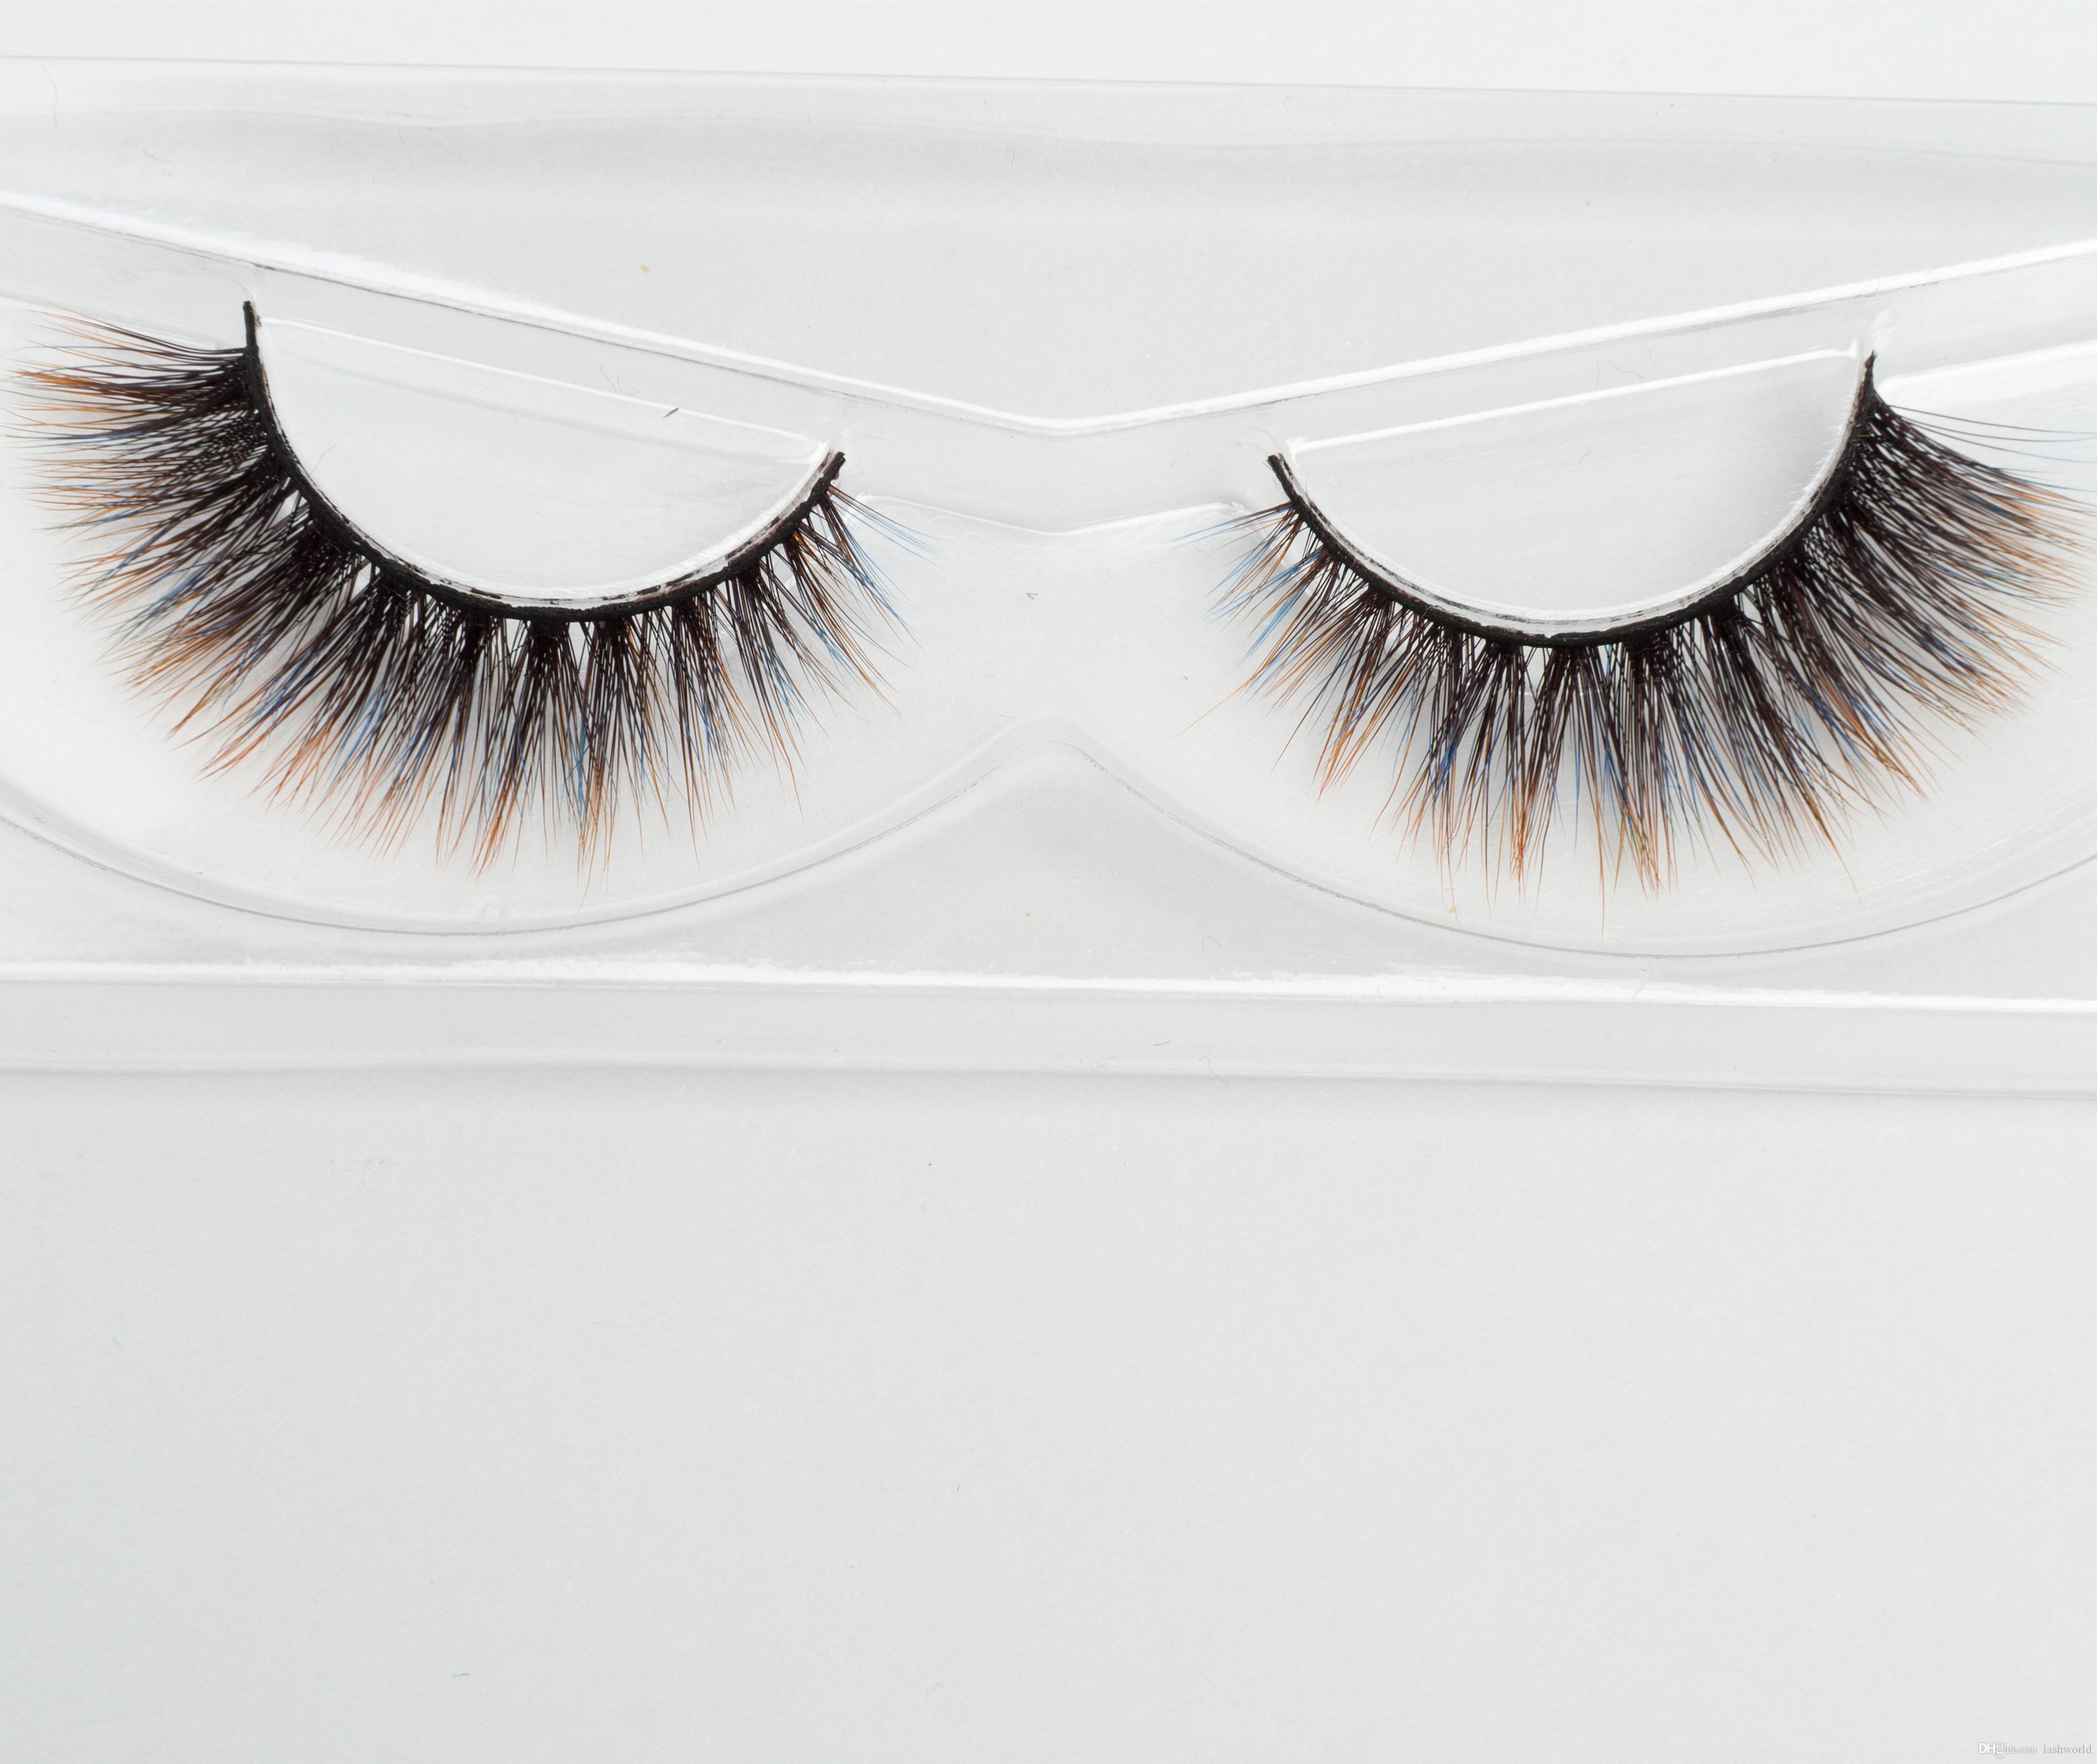 8db600d24fe Seashine 3d Faux Mink Eyelashes Silk Strip Lashes Silk Colorful Eyelash 3d  Colorful Silk Lashes False Eyelashes Epacket C5 How To Apply False Lashes  Longer ...